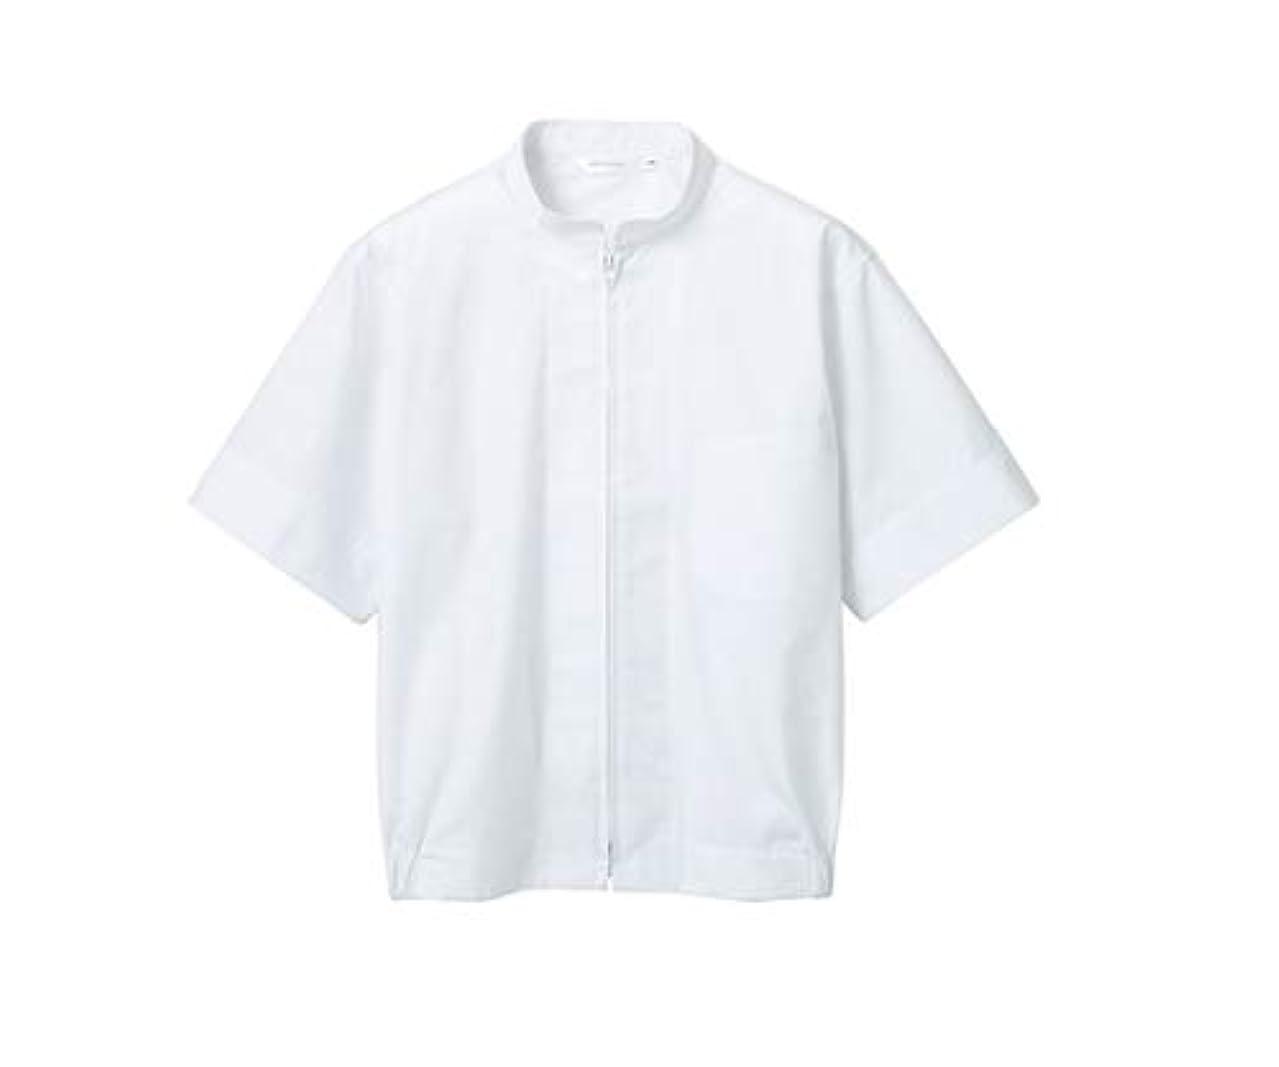 キャストおっと理解するジャンパー 男女兼用 半袖 白/61-6127-28